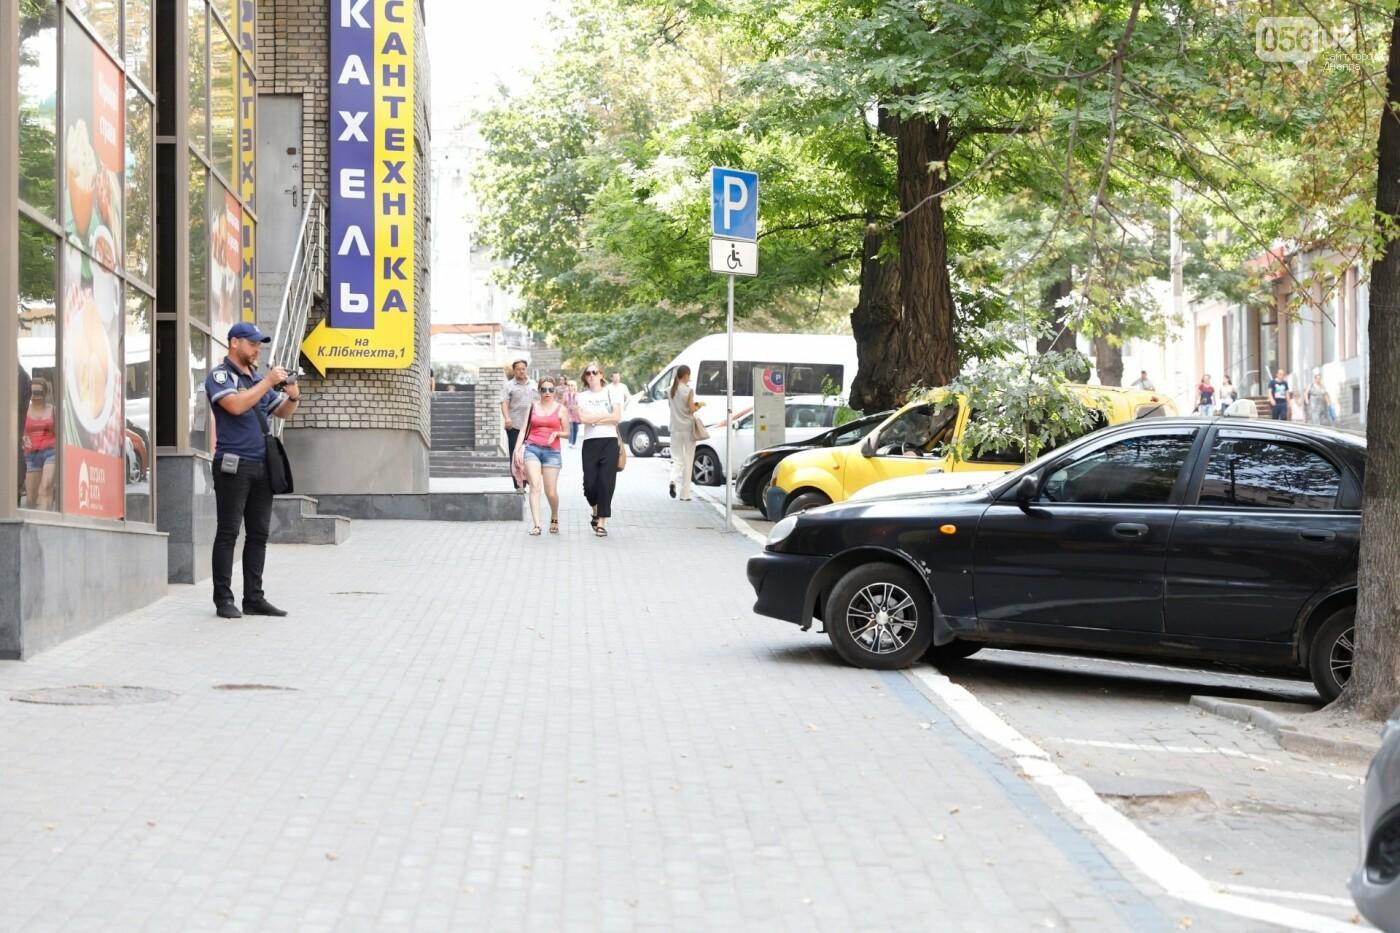 Штрафы и поддельные удостоверения: как проходит работа инспекторов по парковке в Днепре, - ФОТО, фото-3